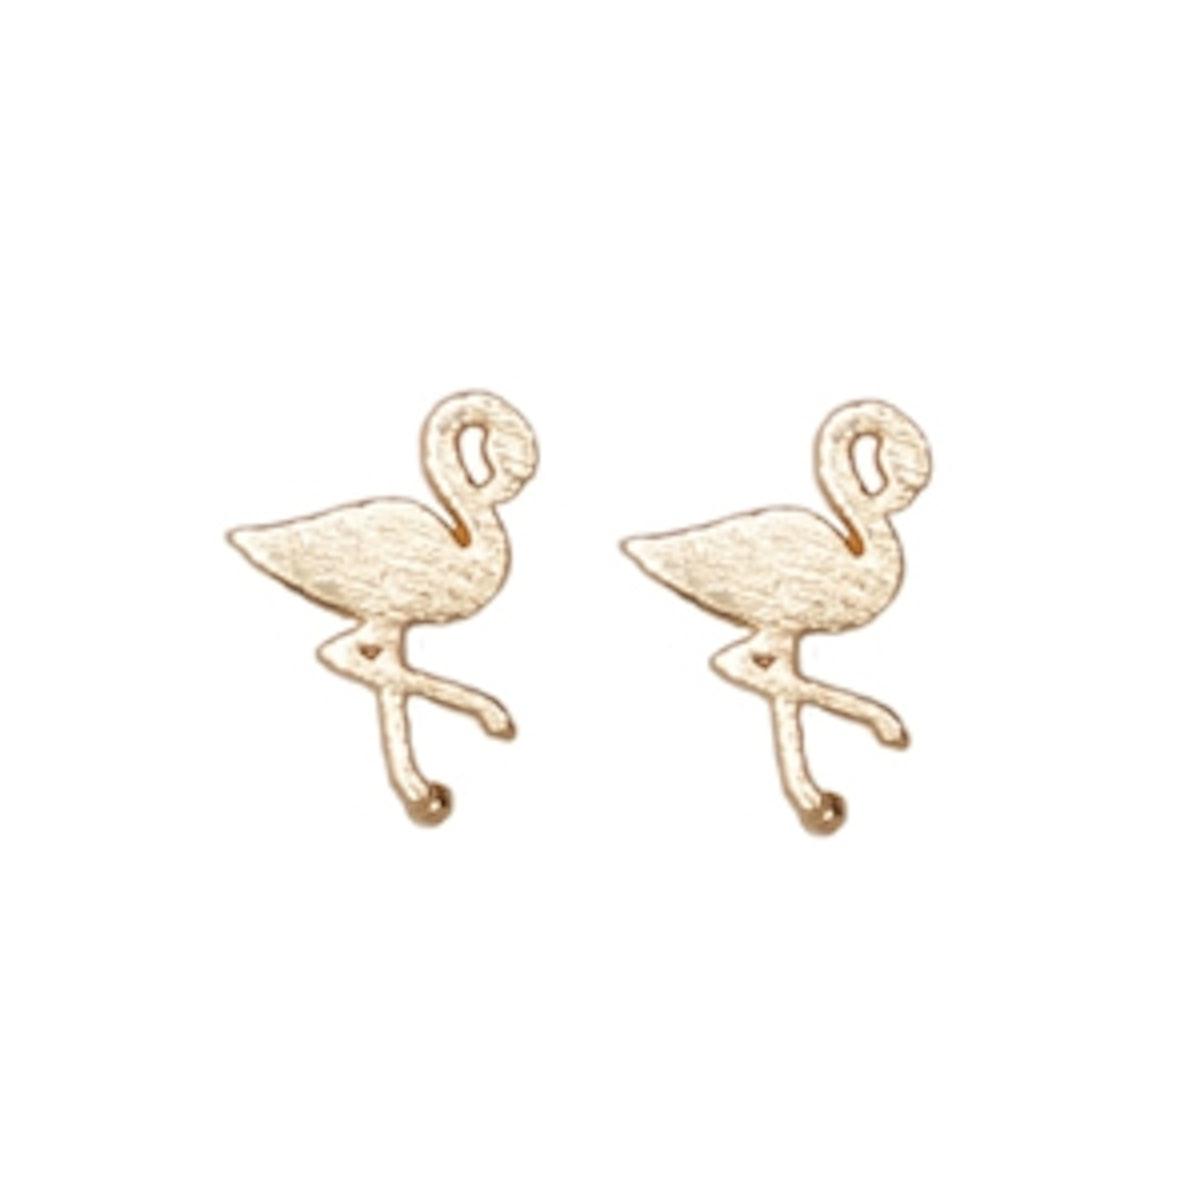 Figi Earrings in Gold